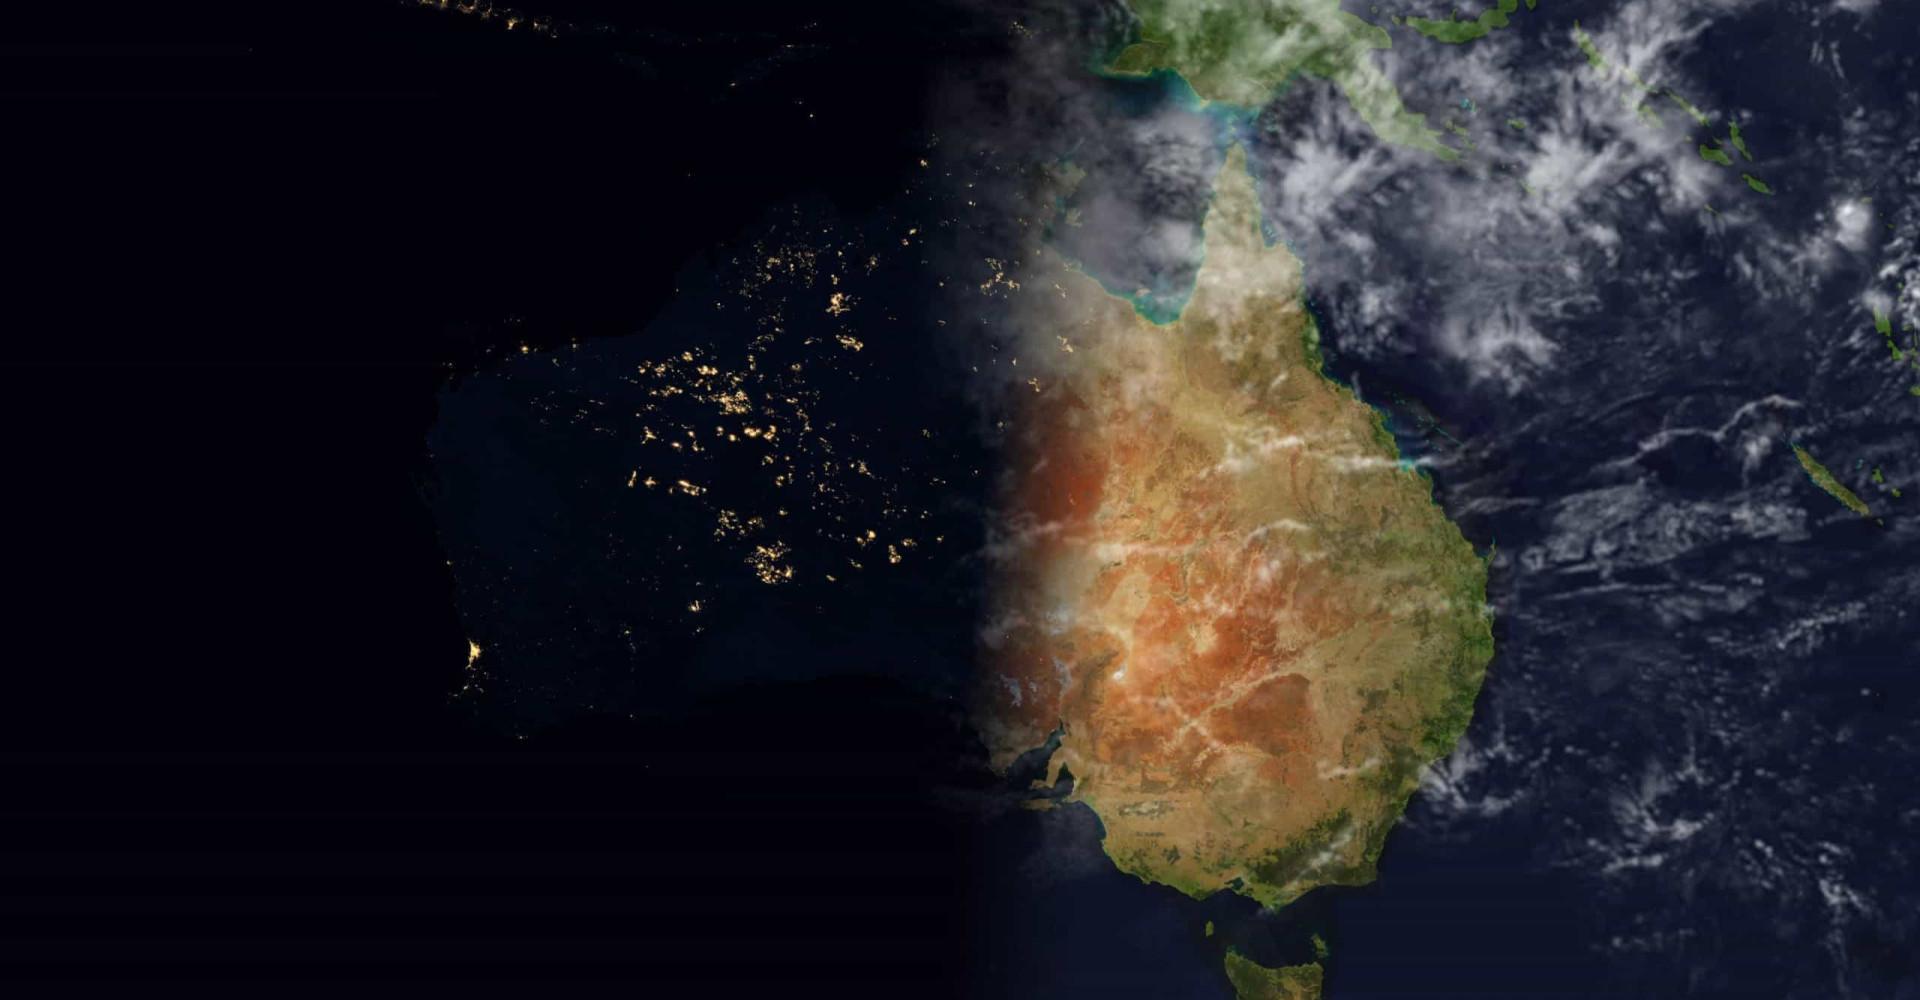 L'Australie n'existe pas: histoire d'un complot